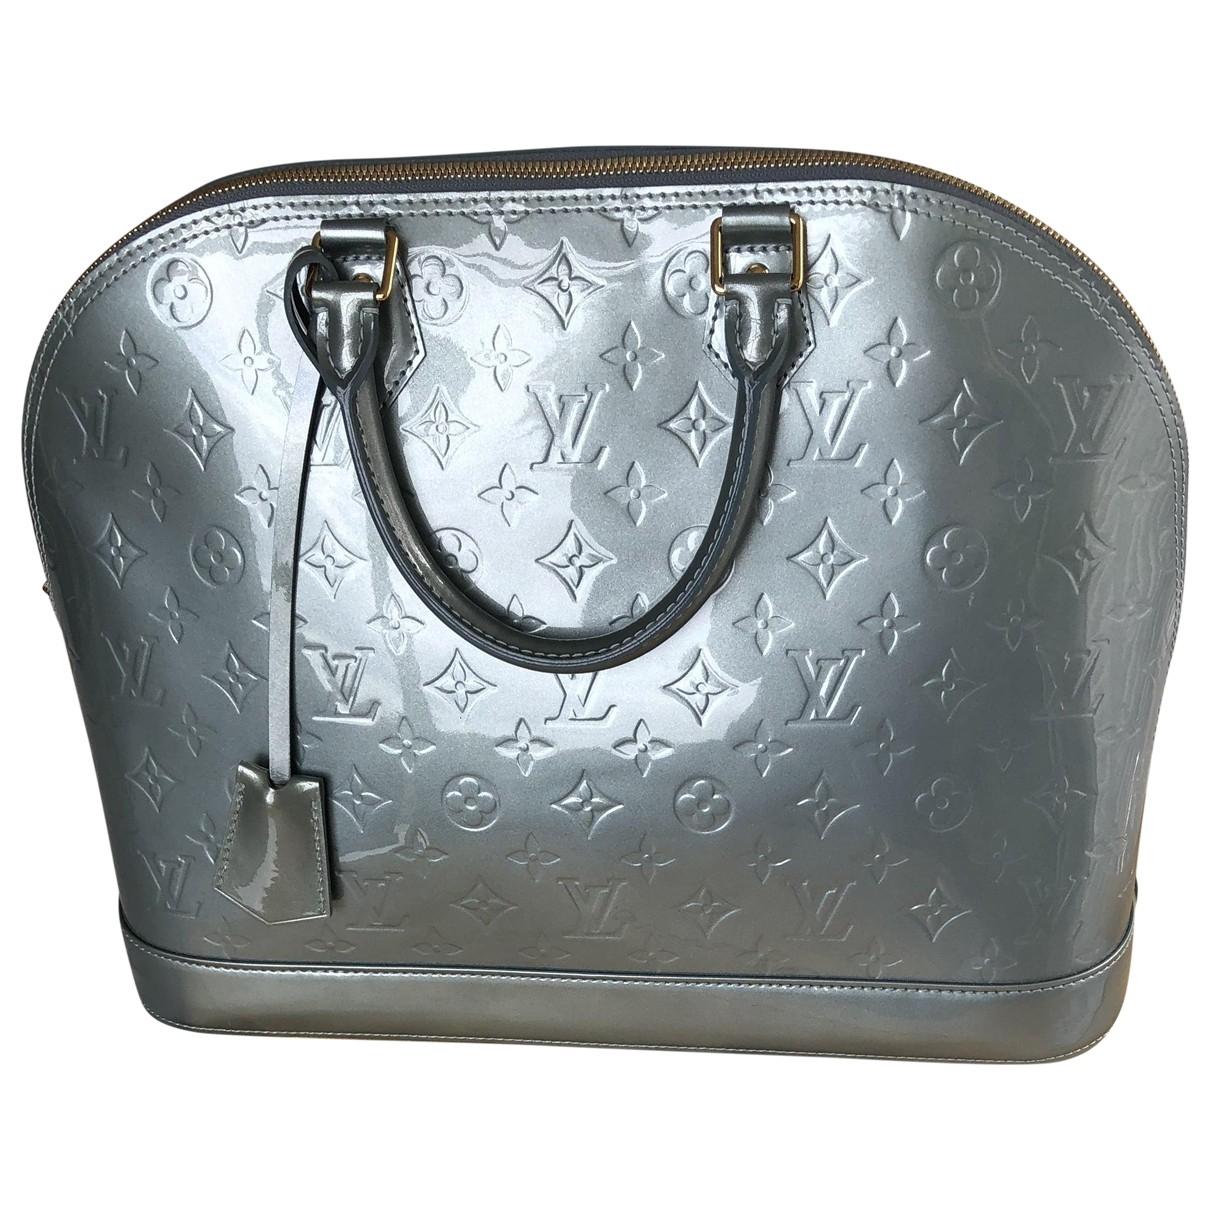 Louis Vuitton Alma Handtasche in  Silber Lackleder